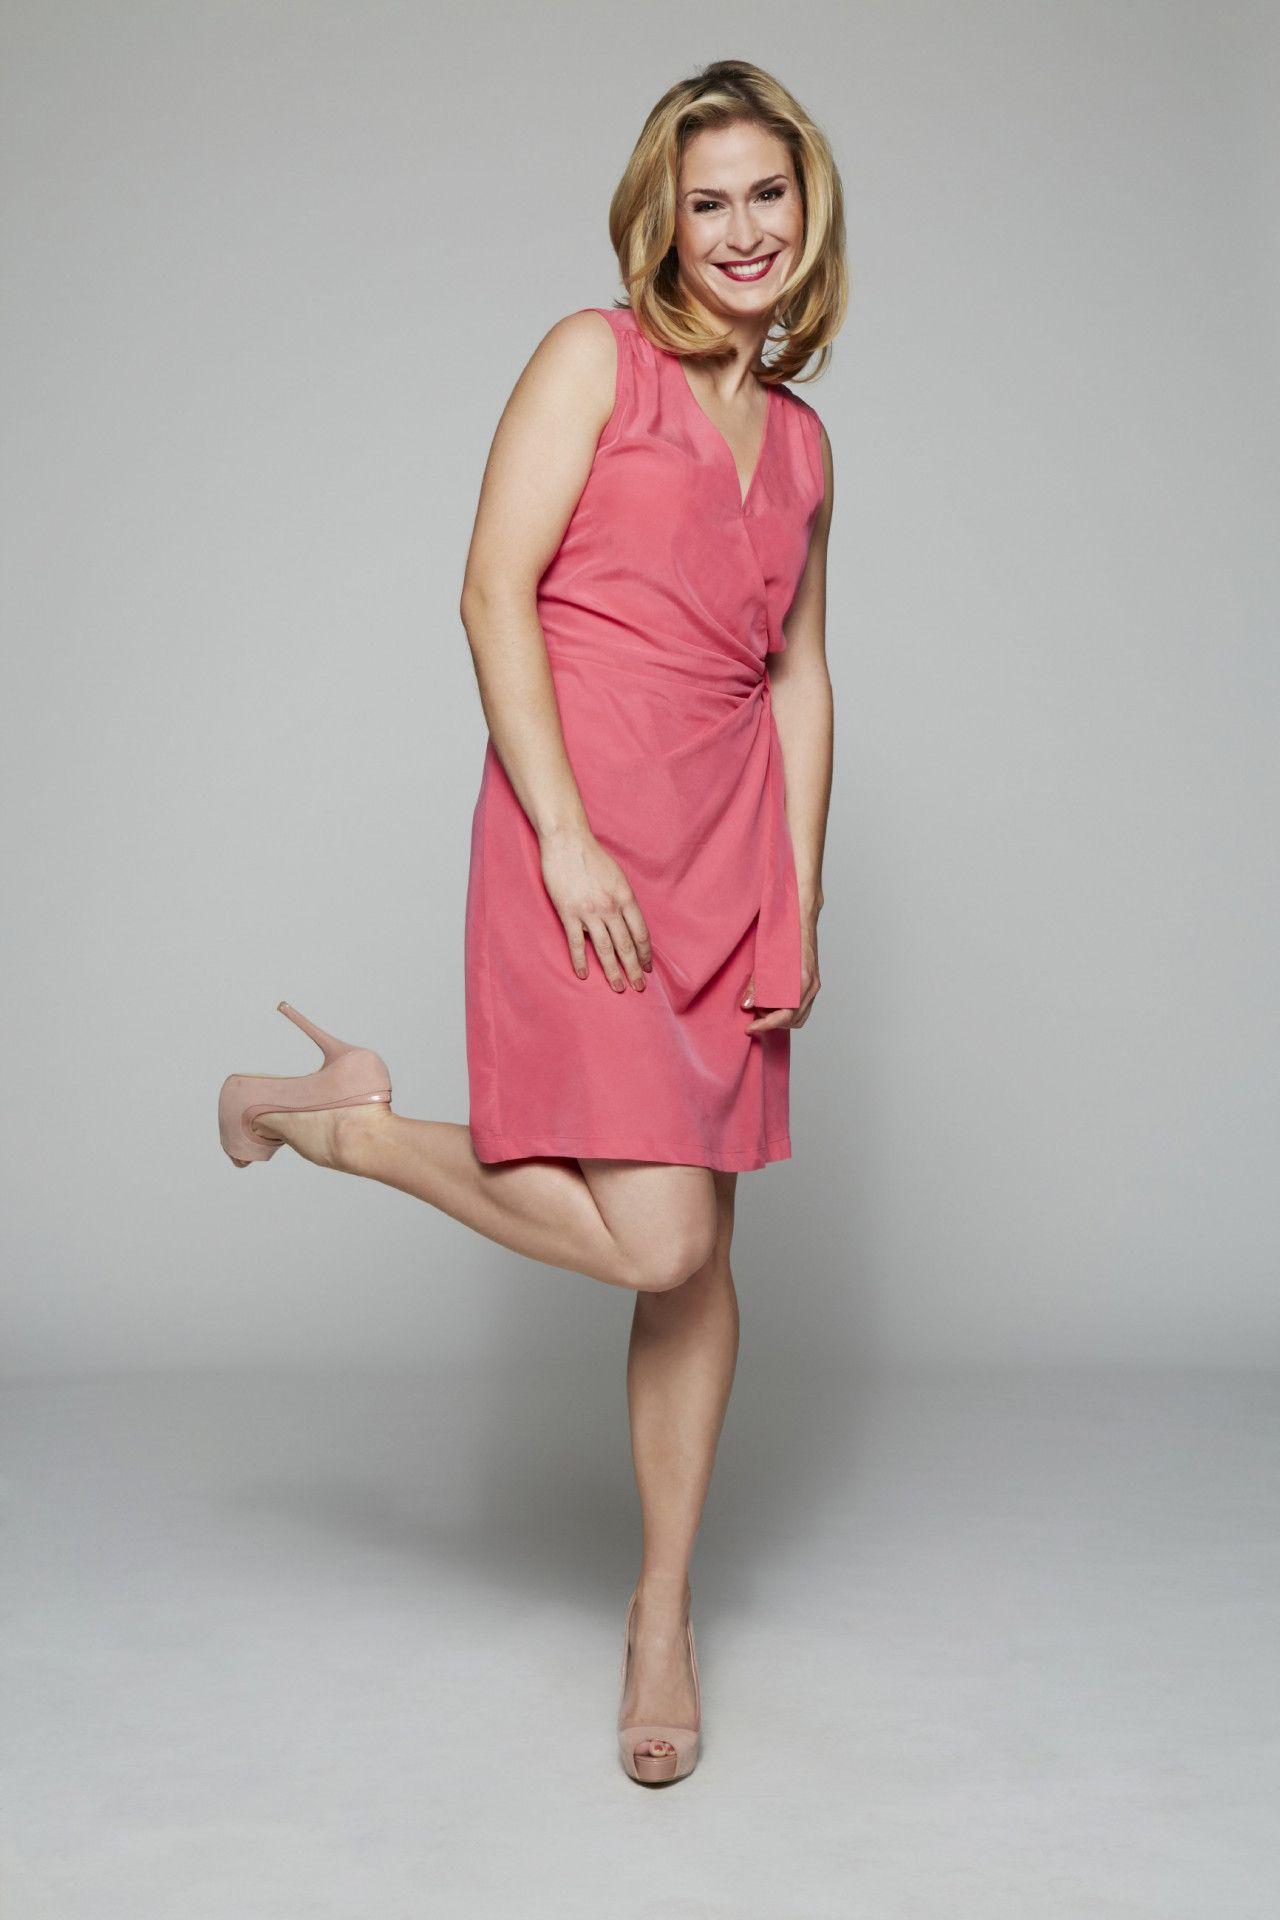 Lea Marlen Woitack spielt Sophie Lindh.